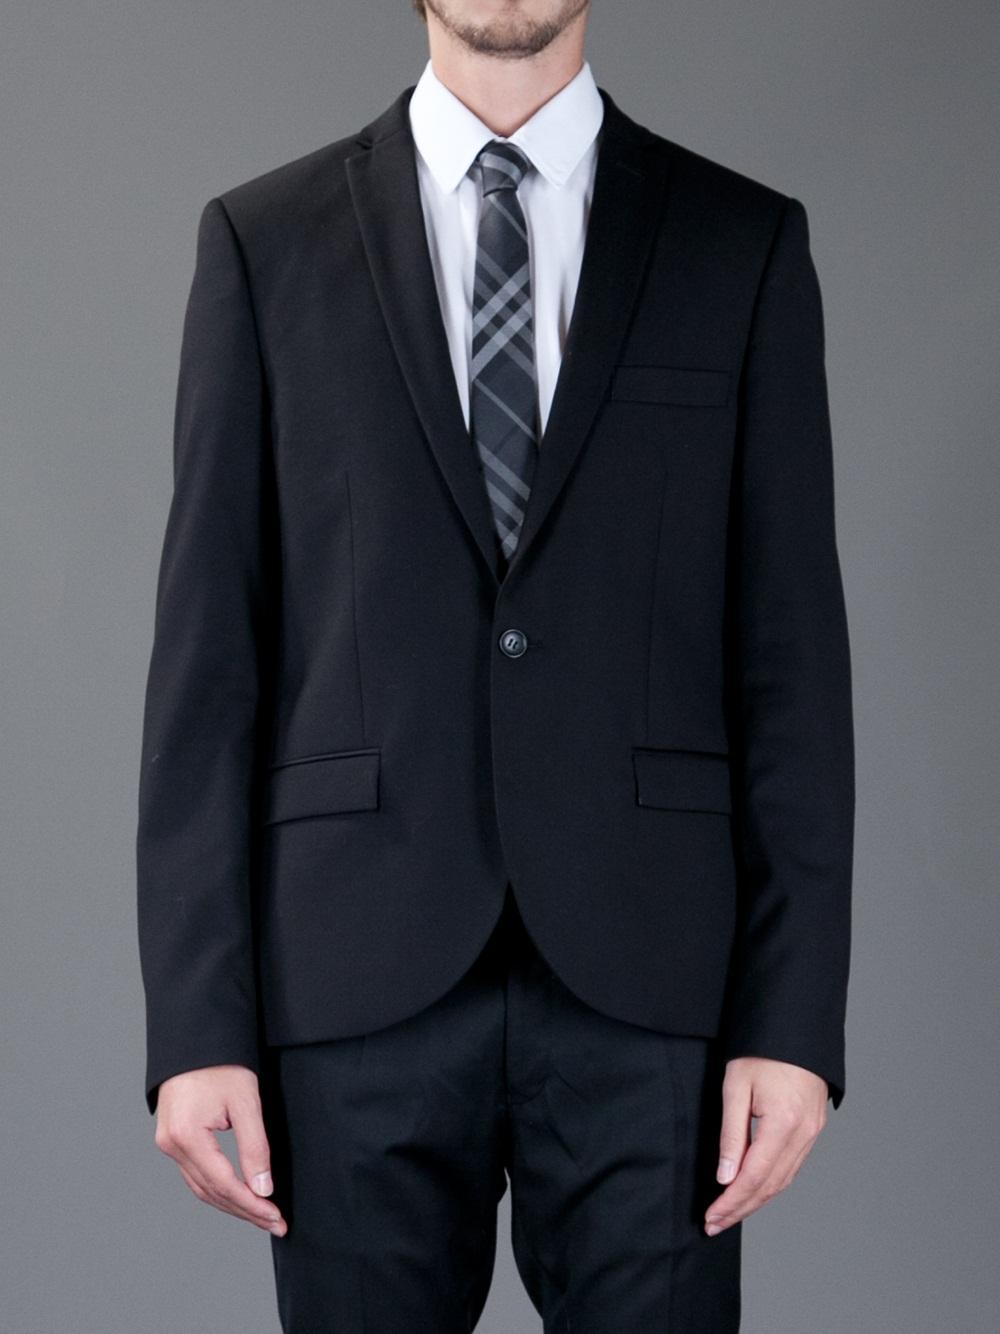 0cedf5a03baf ... promo code lyst burberry check silk tie in black for men 869a0 3909e